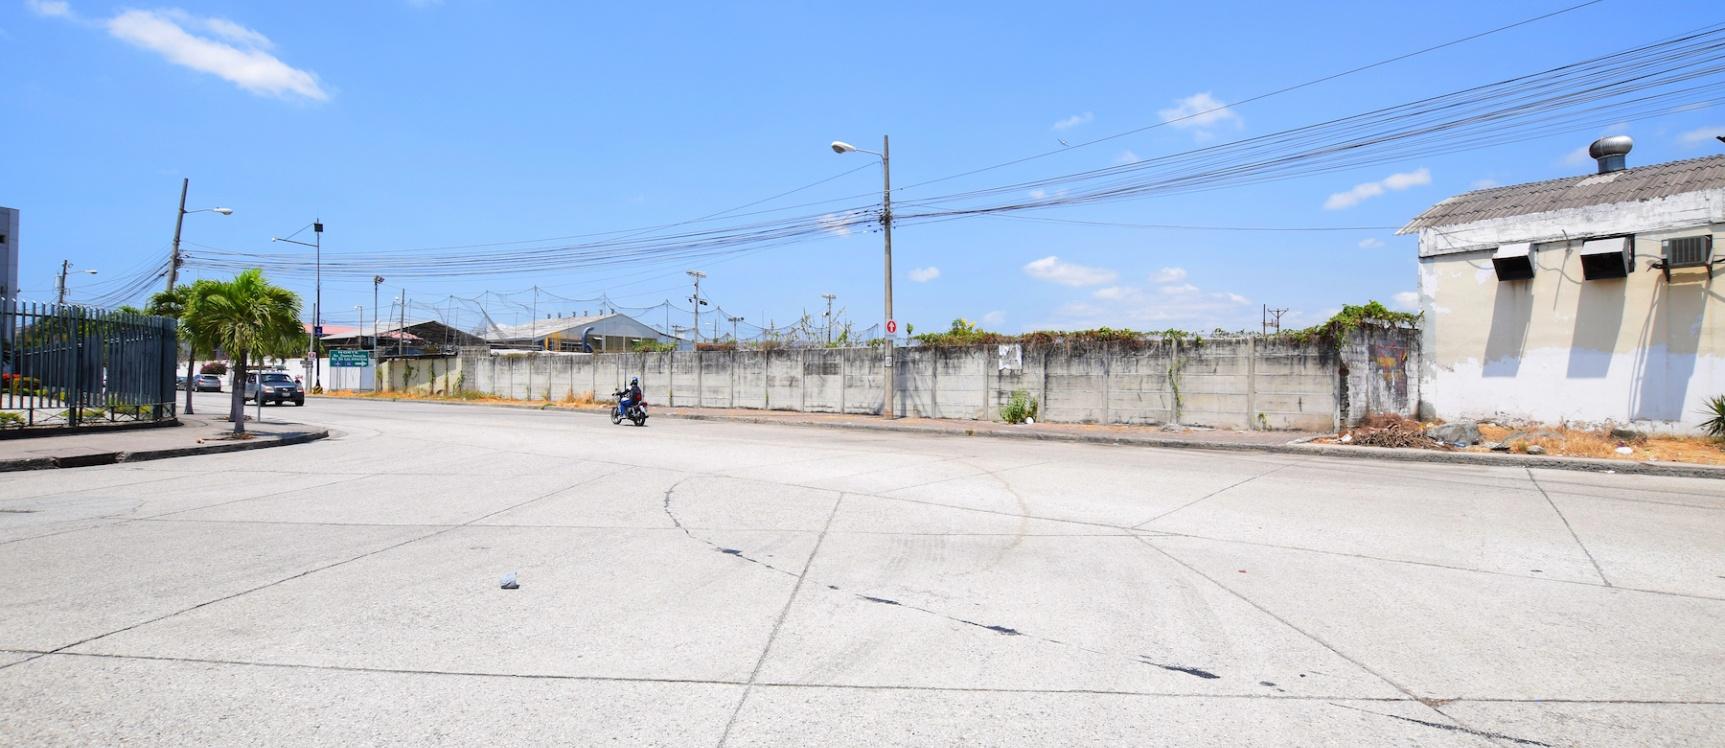 GeoBienes - Terreno en venta ubicado en La Atarazana, Norte de Guayaquil - Plusvalia Guayaquil Casas de venta y alquiler Inmobiliaria Ecuador